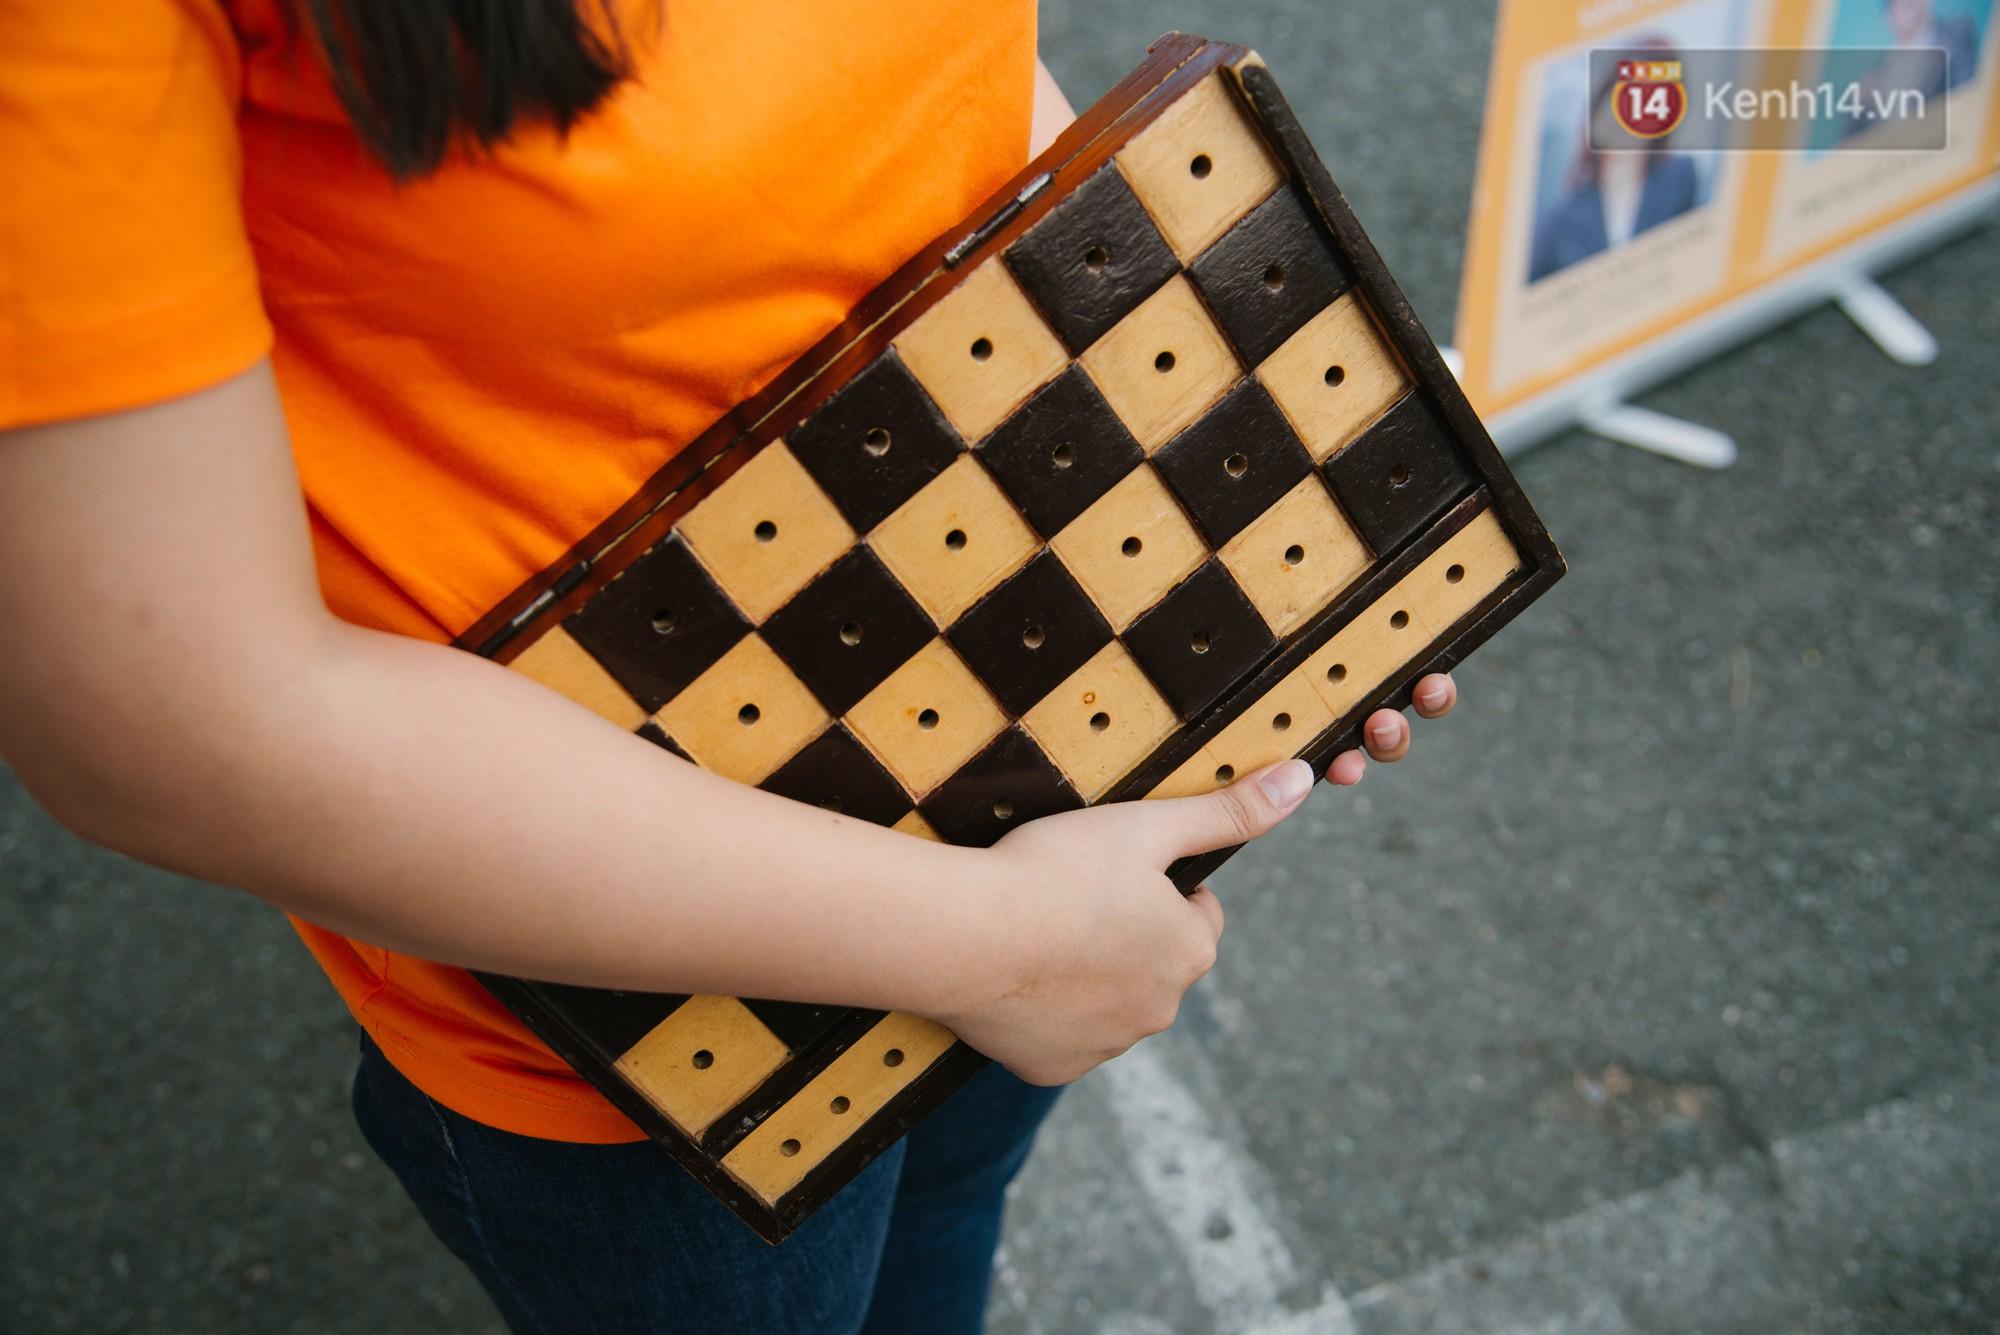 Hành trình chạm đến giải vô địch cờ vua Đông Nam Á của cô gái khiếm thị Sài Gòn - Ảnh 6.